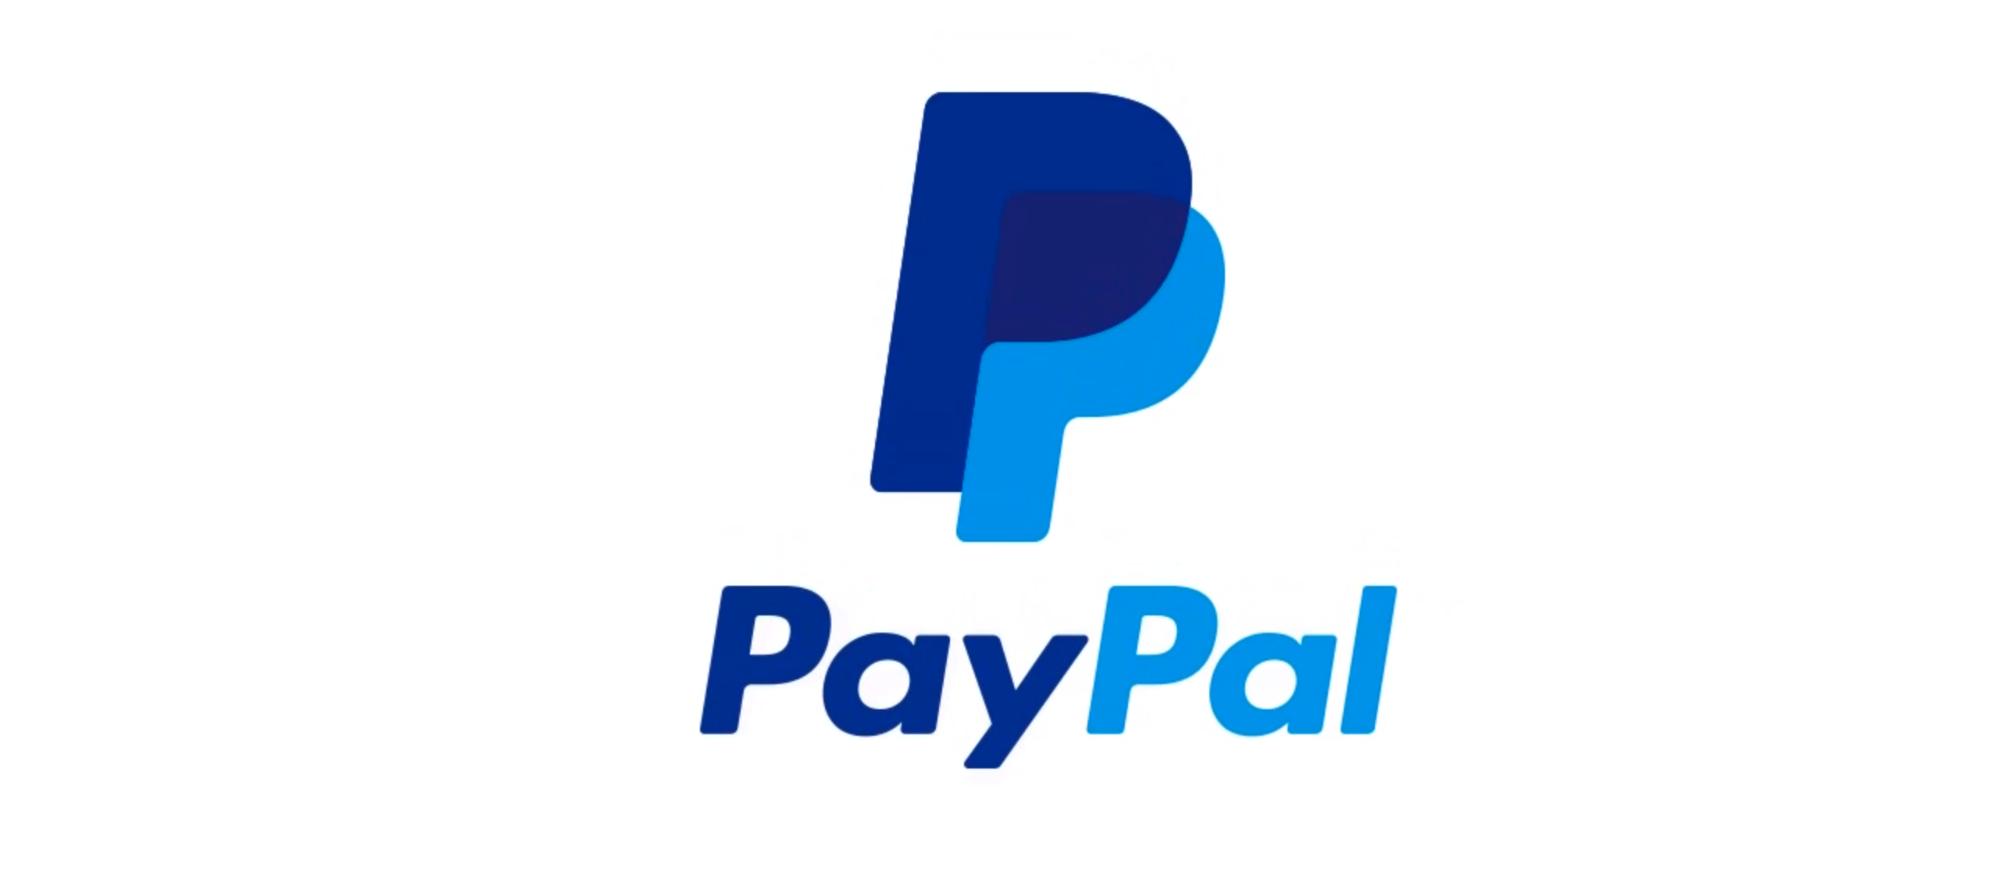 στοιχημα με paypal